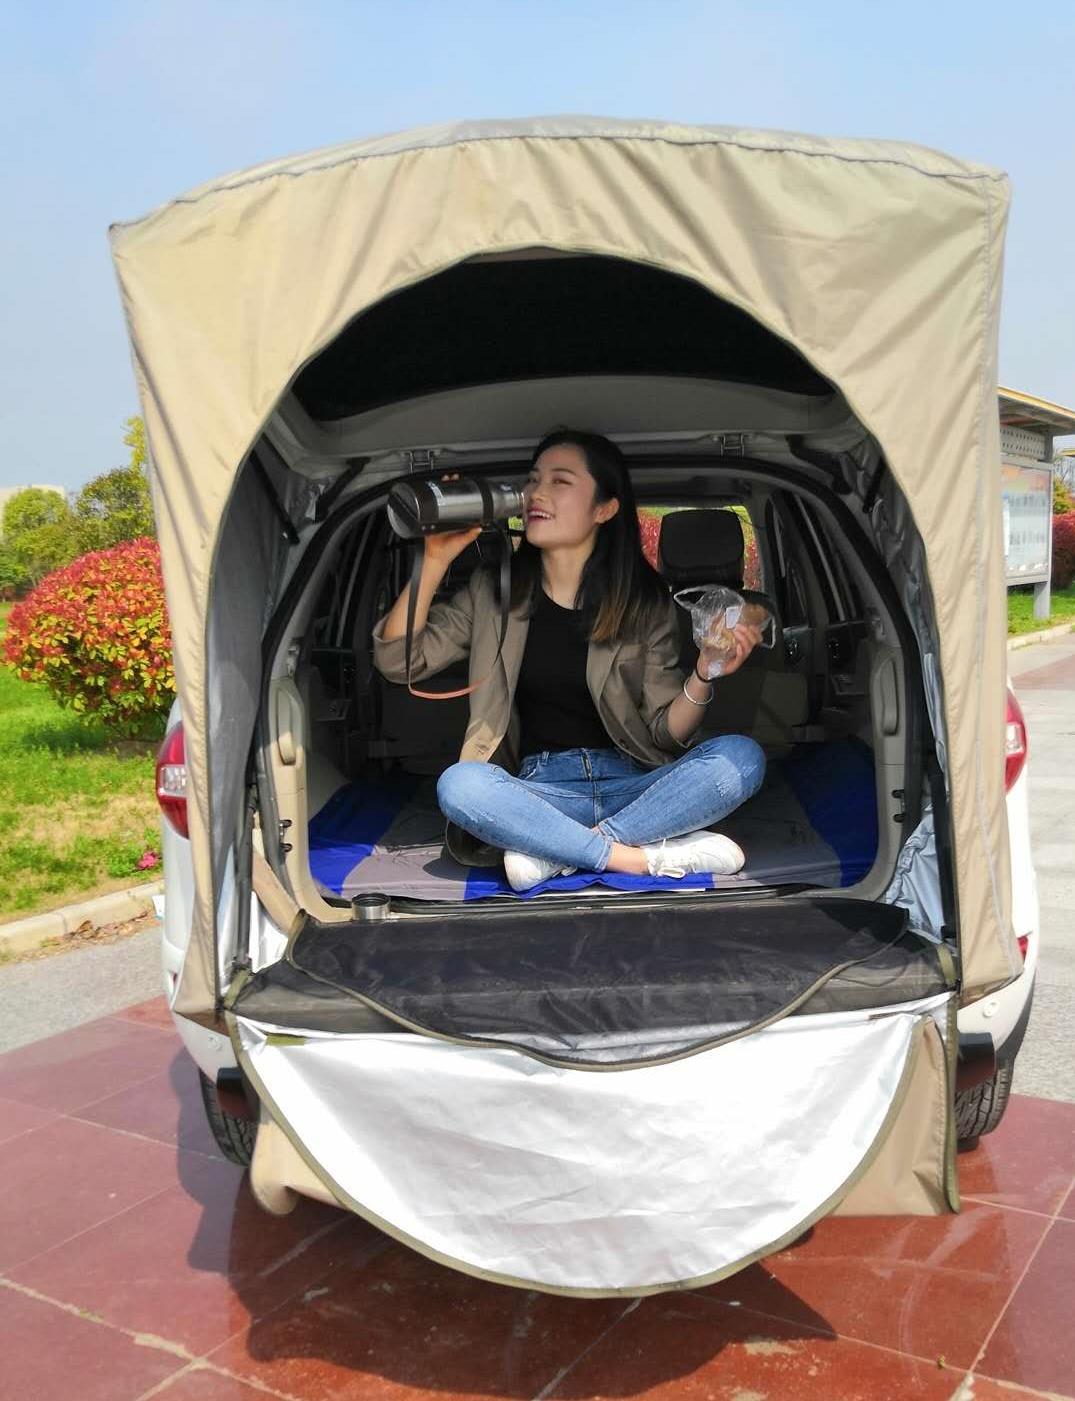 이효리 제주 속초 감성 캠핑 카박 도킹 차량 후방 연결 차박하기 좋은 차 텐트 쉘터 용품, 04-카키색 옷감